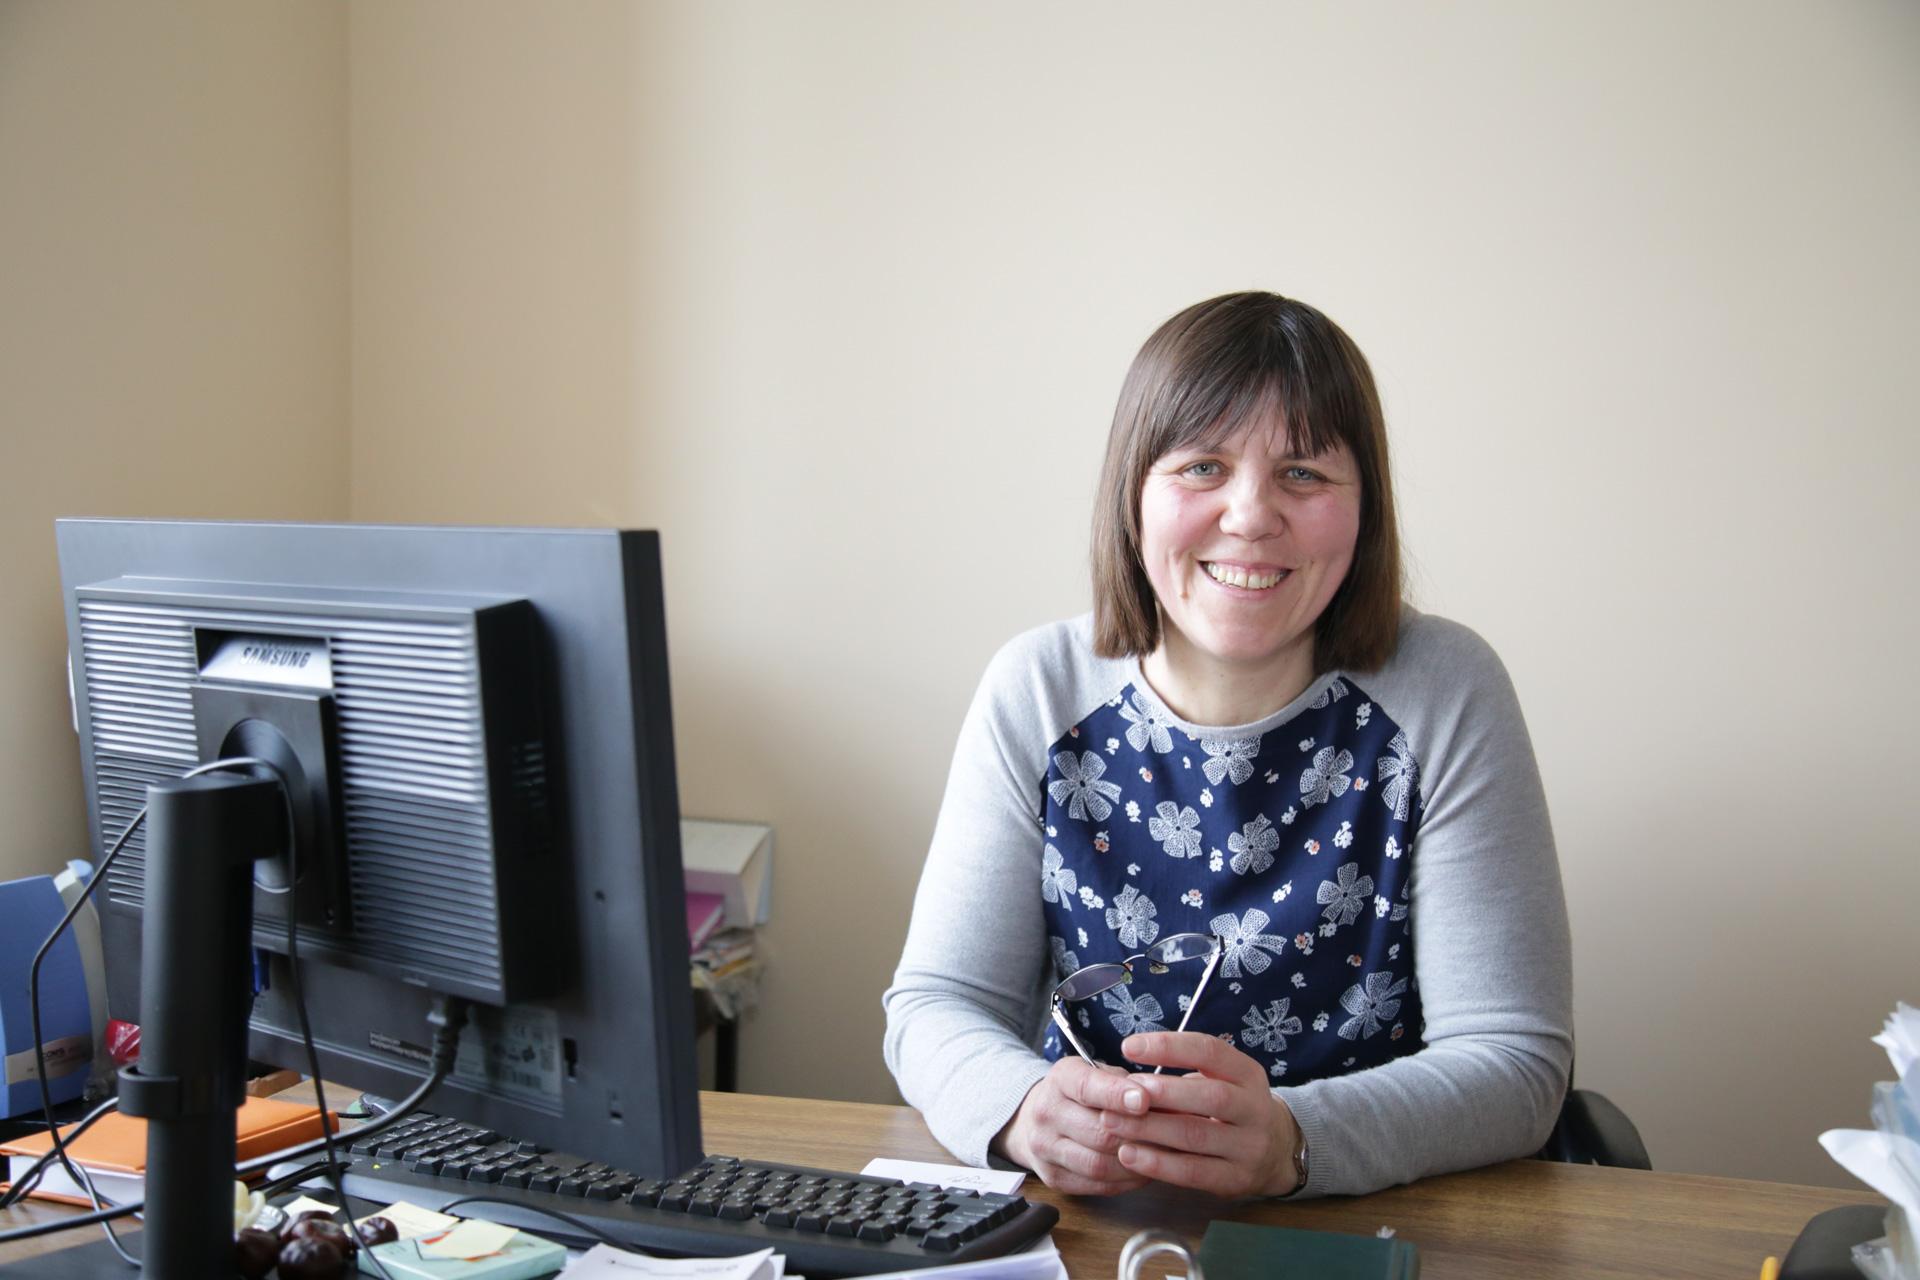 Asta Šeliakienė stebisi, kad didžioji bibliotekos lankytojų ir knygų skaitytojų dalis yra dirbantys žmonės.